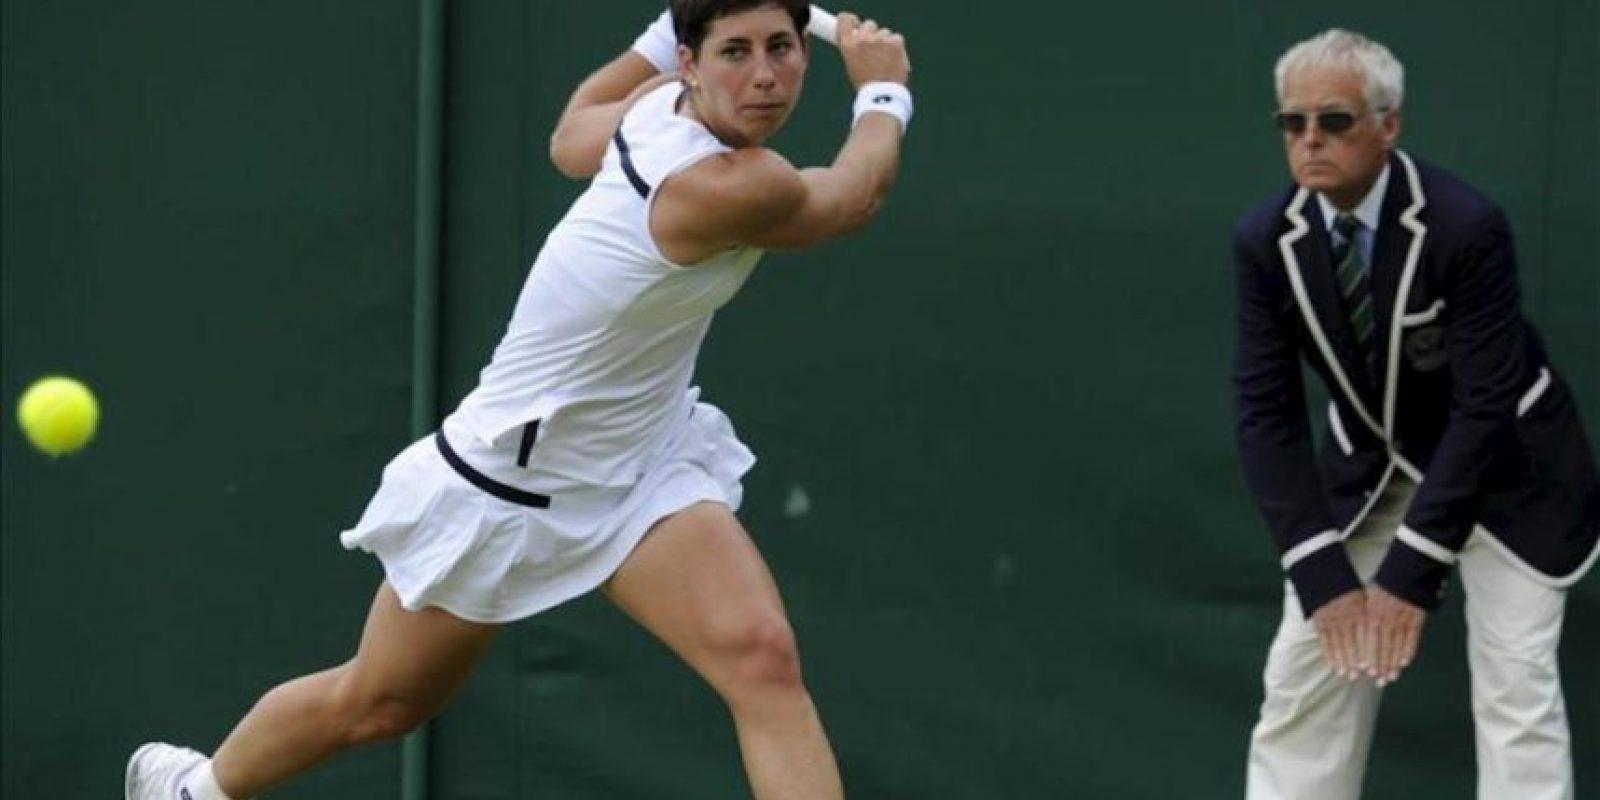 La tenista española Carla Suárez durante el partido de tercera ronda del torneo de Wimbledon. EFE